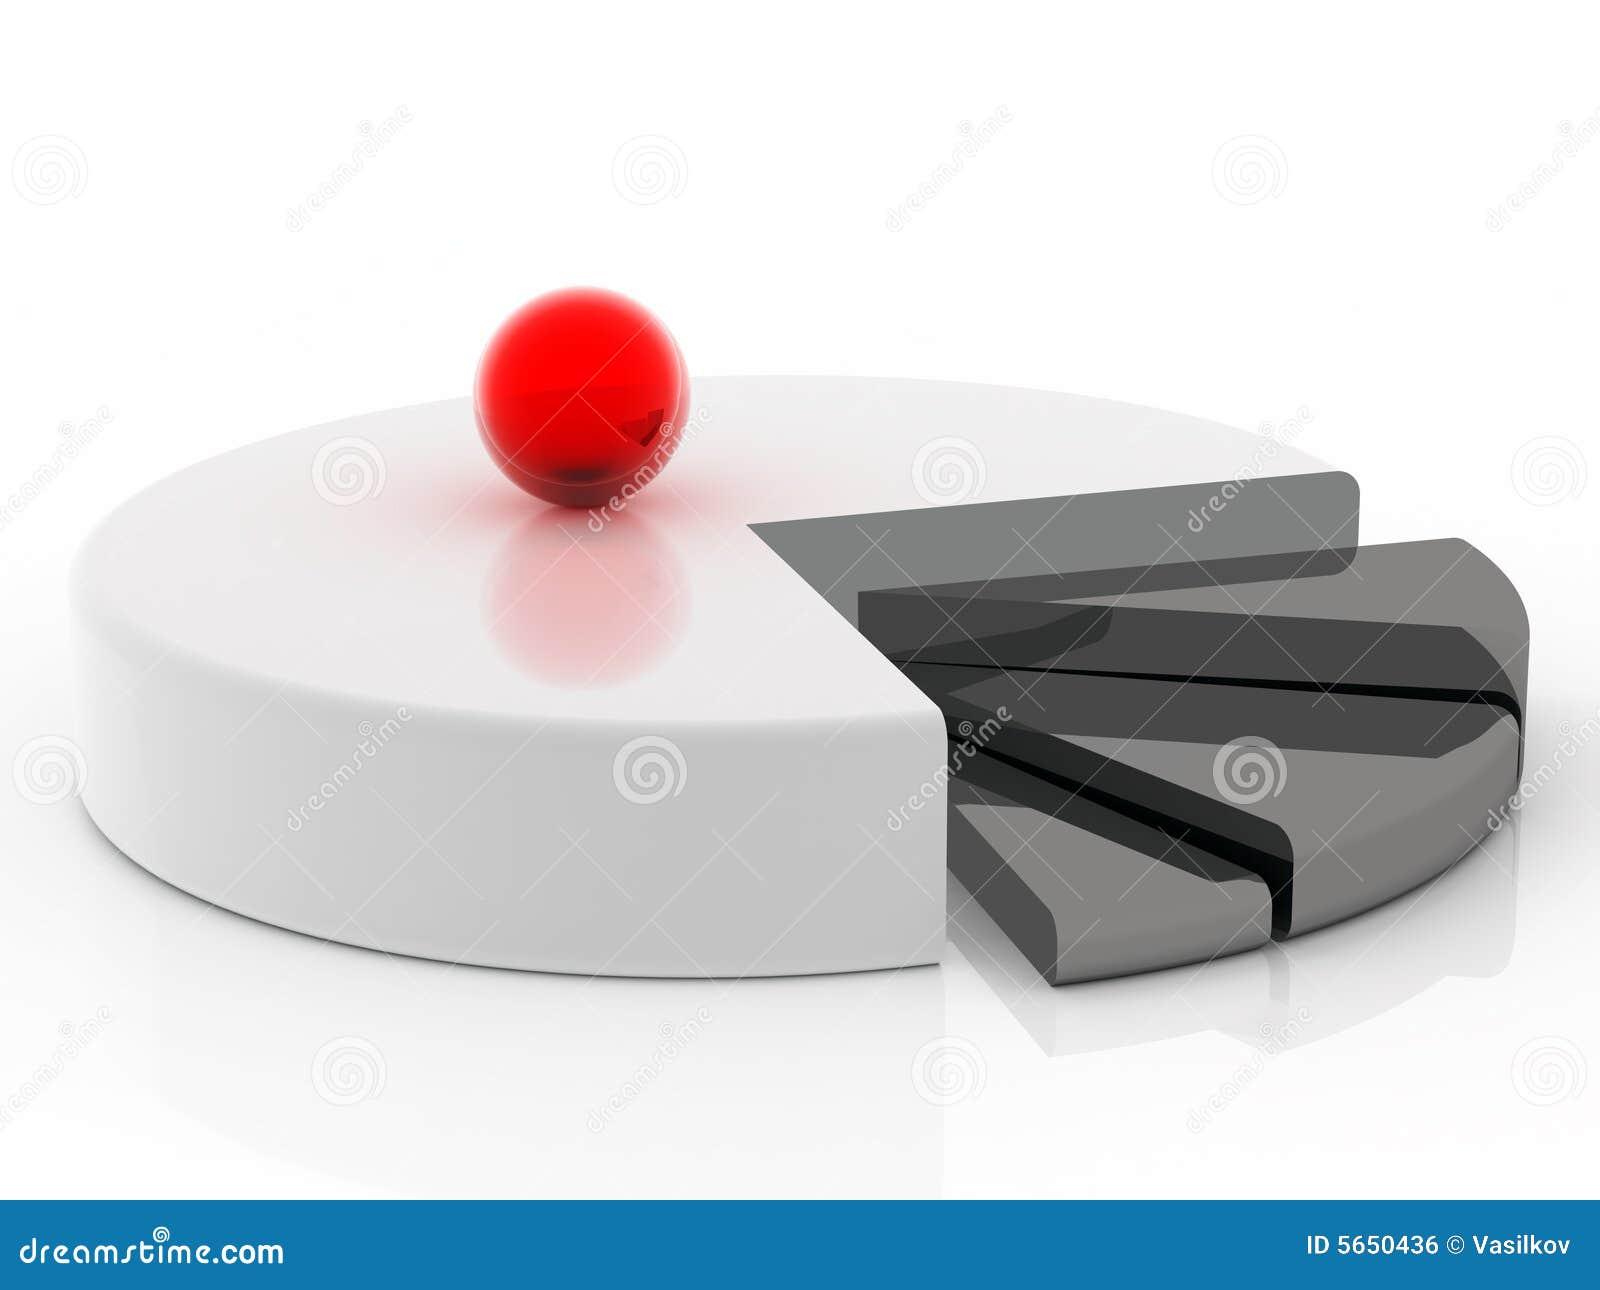 Comercialización del símbolo y bola roja